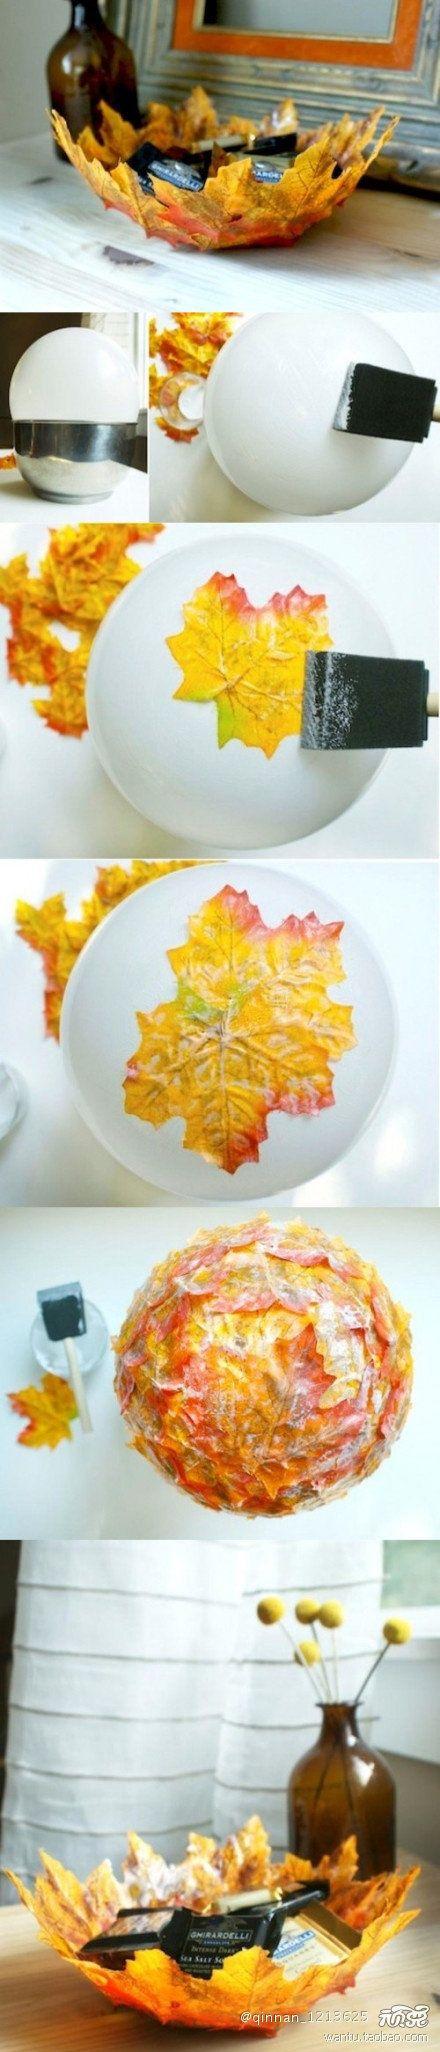 DIY Leaf Bowl autumn | DiyReal.com